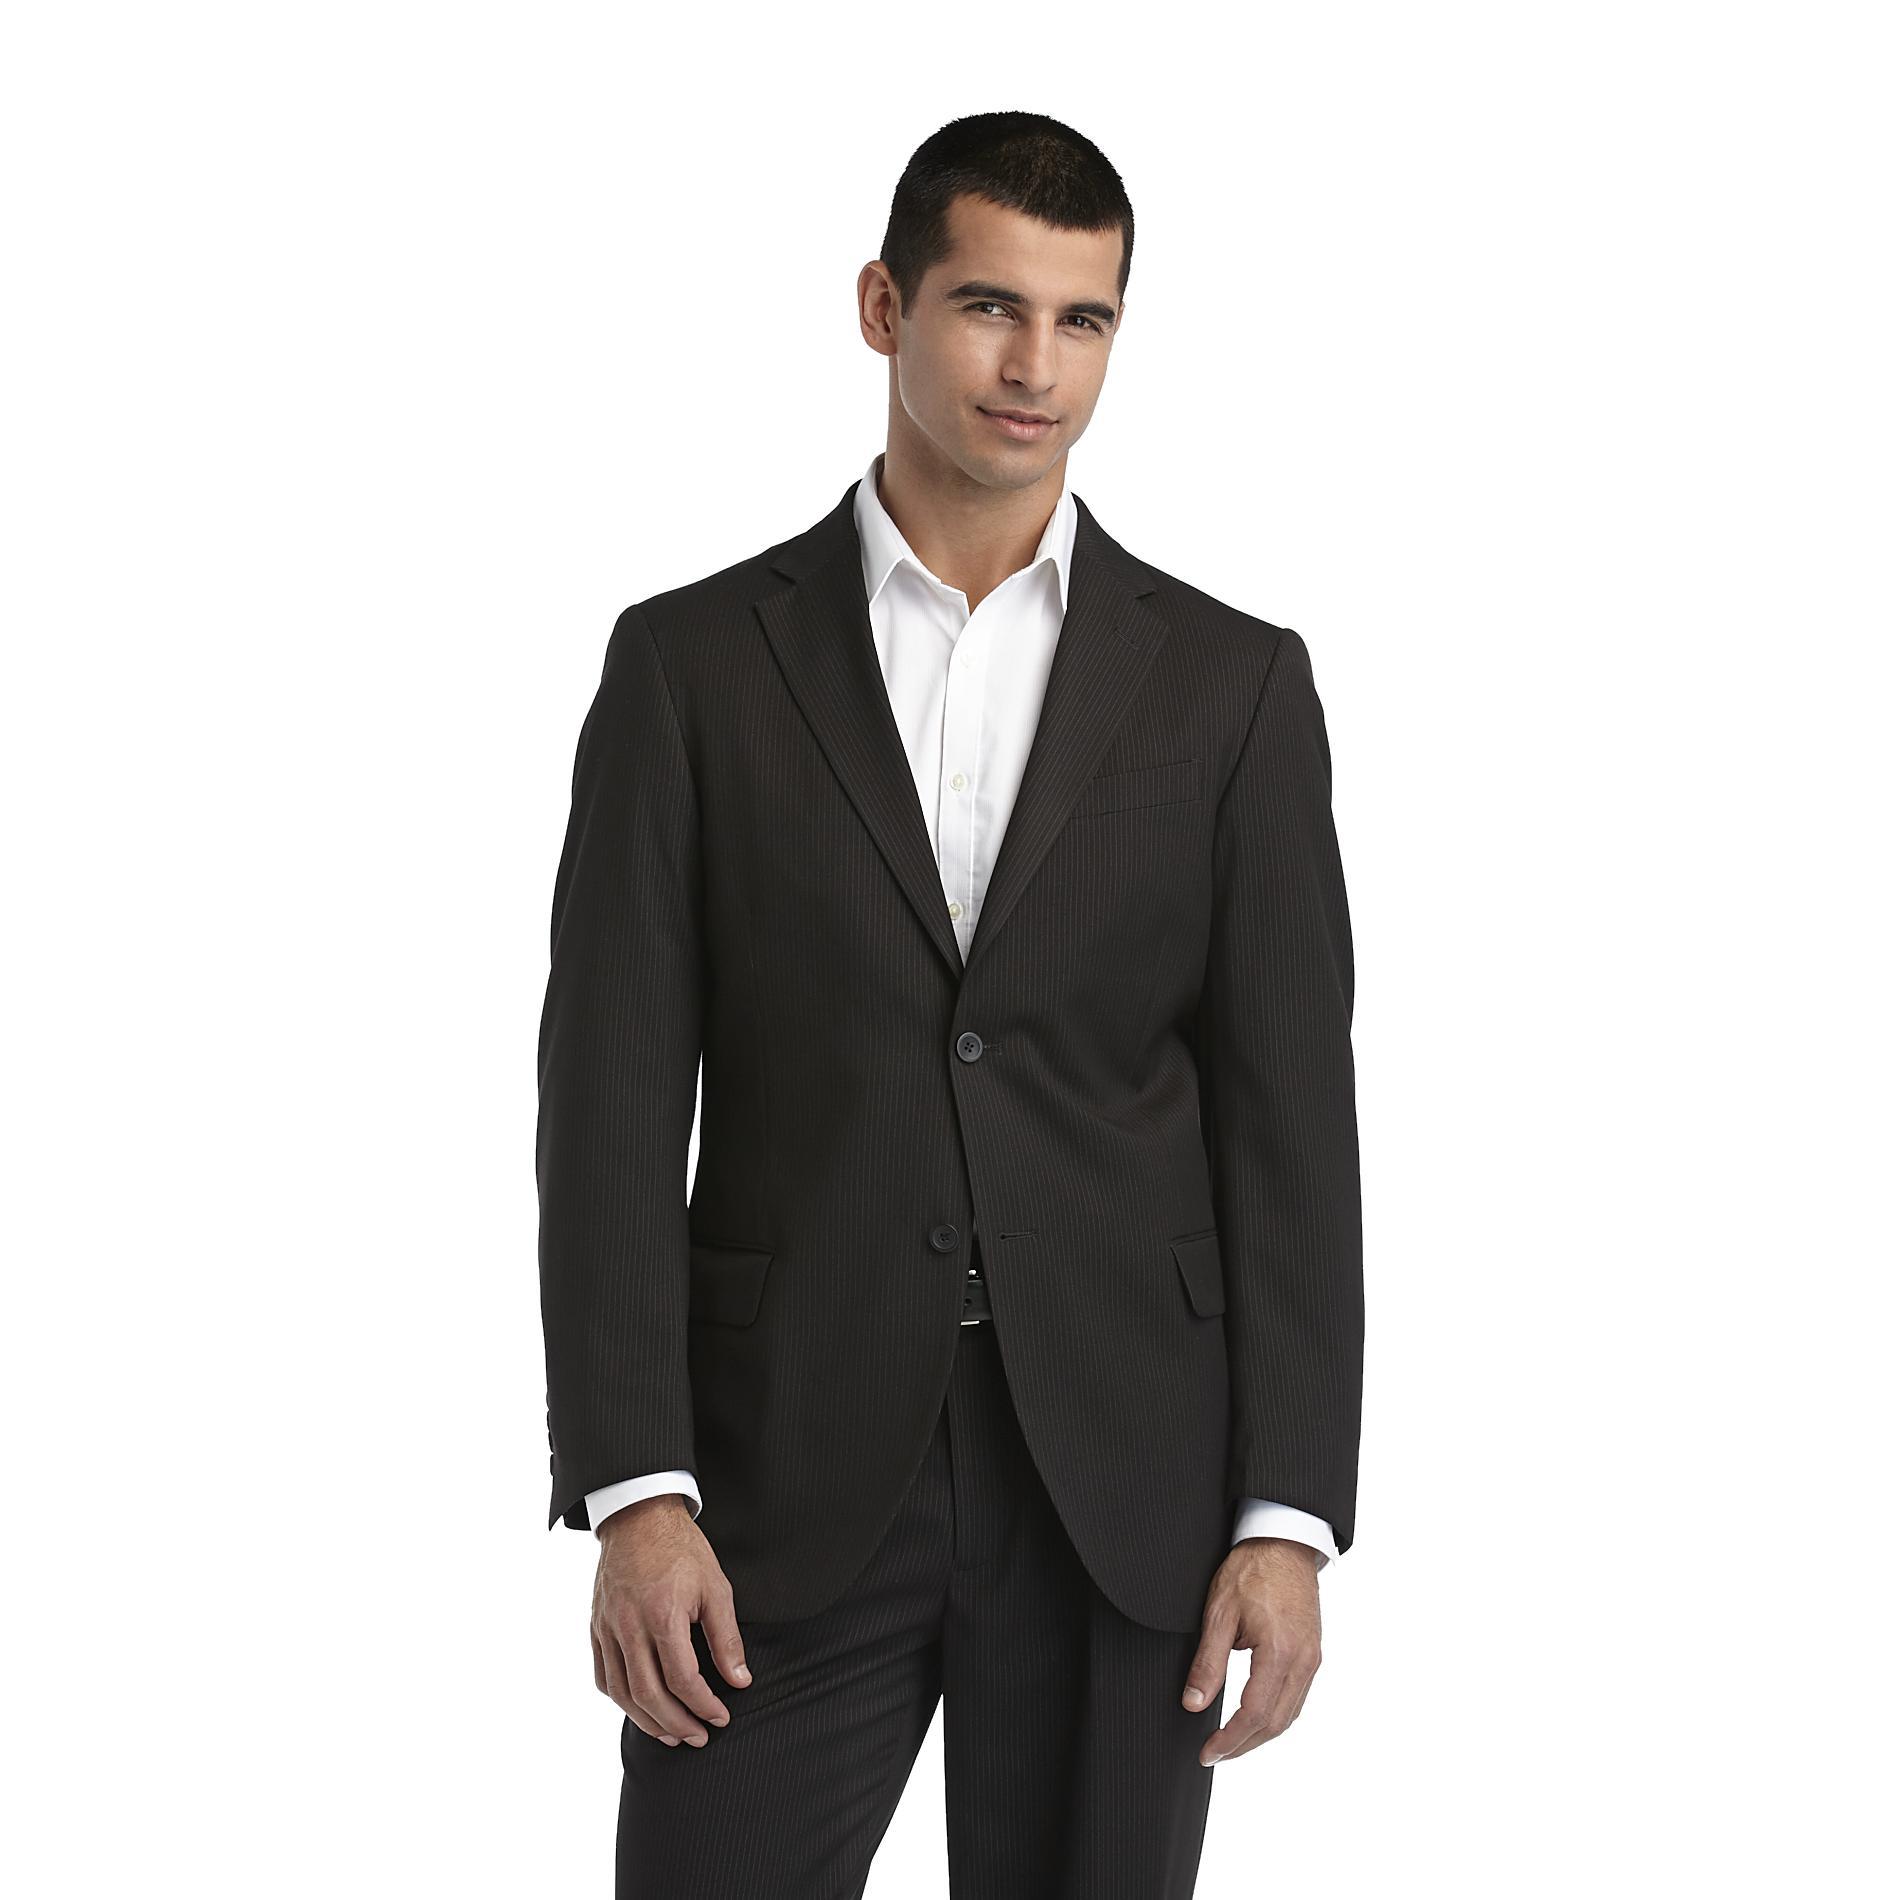 Dockers Men s Suit Coat Pinstripe Black 46 Chest Review